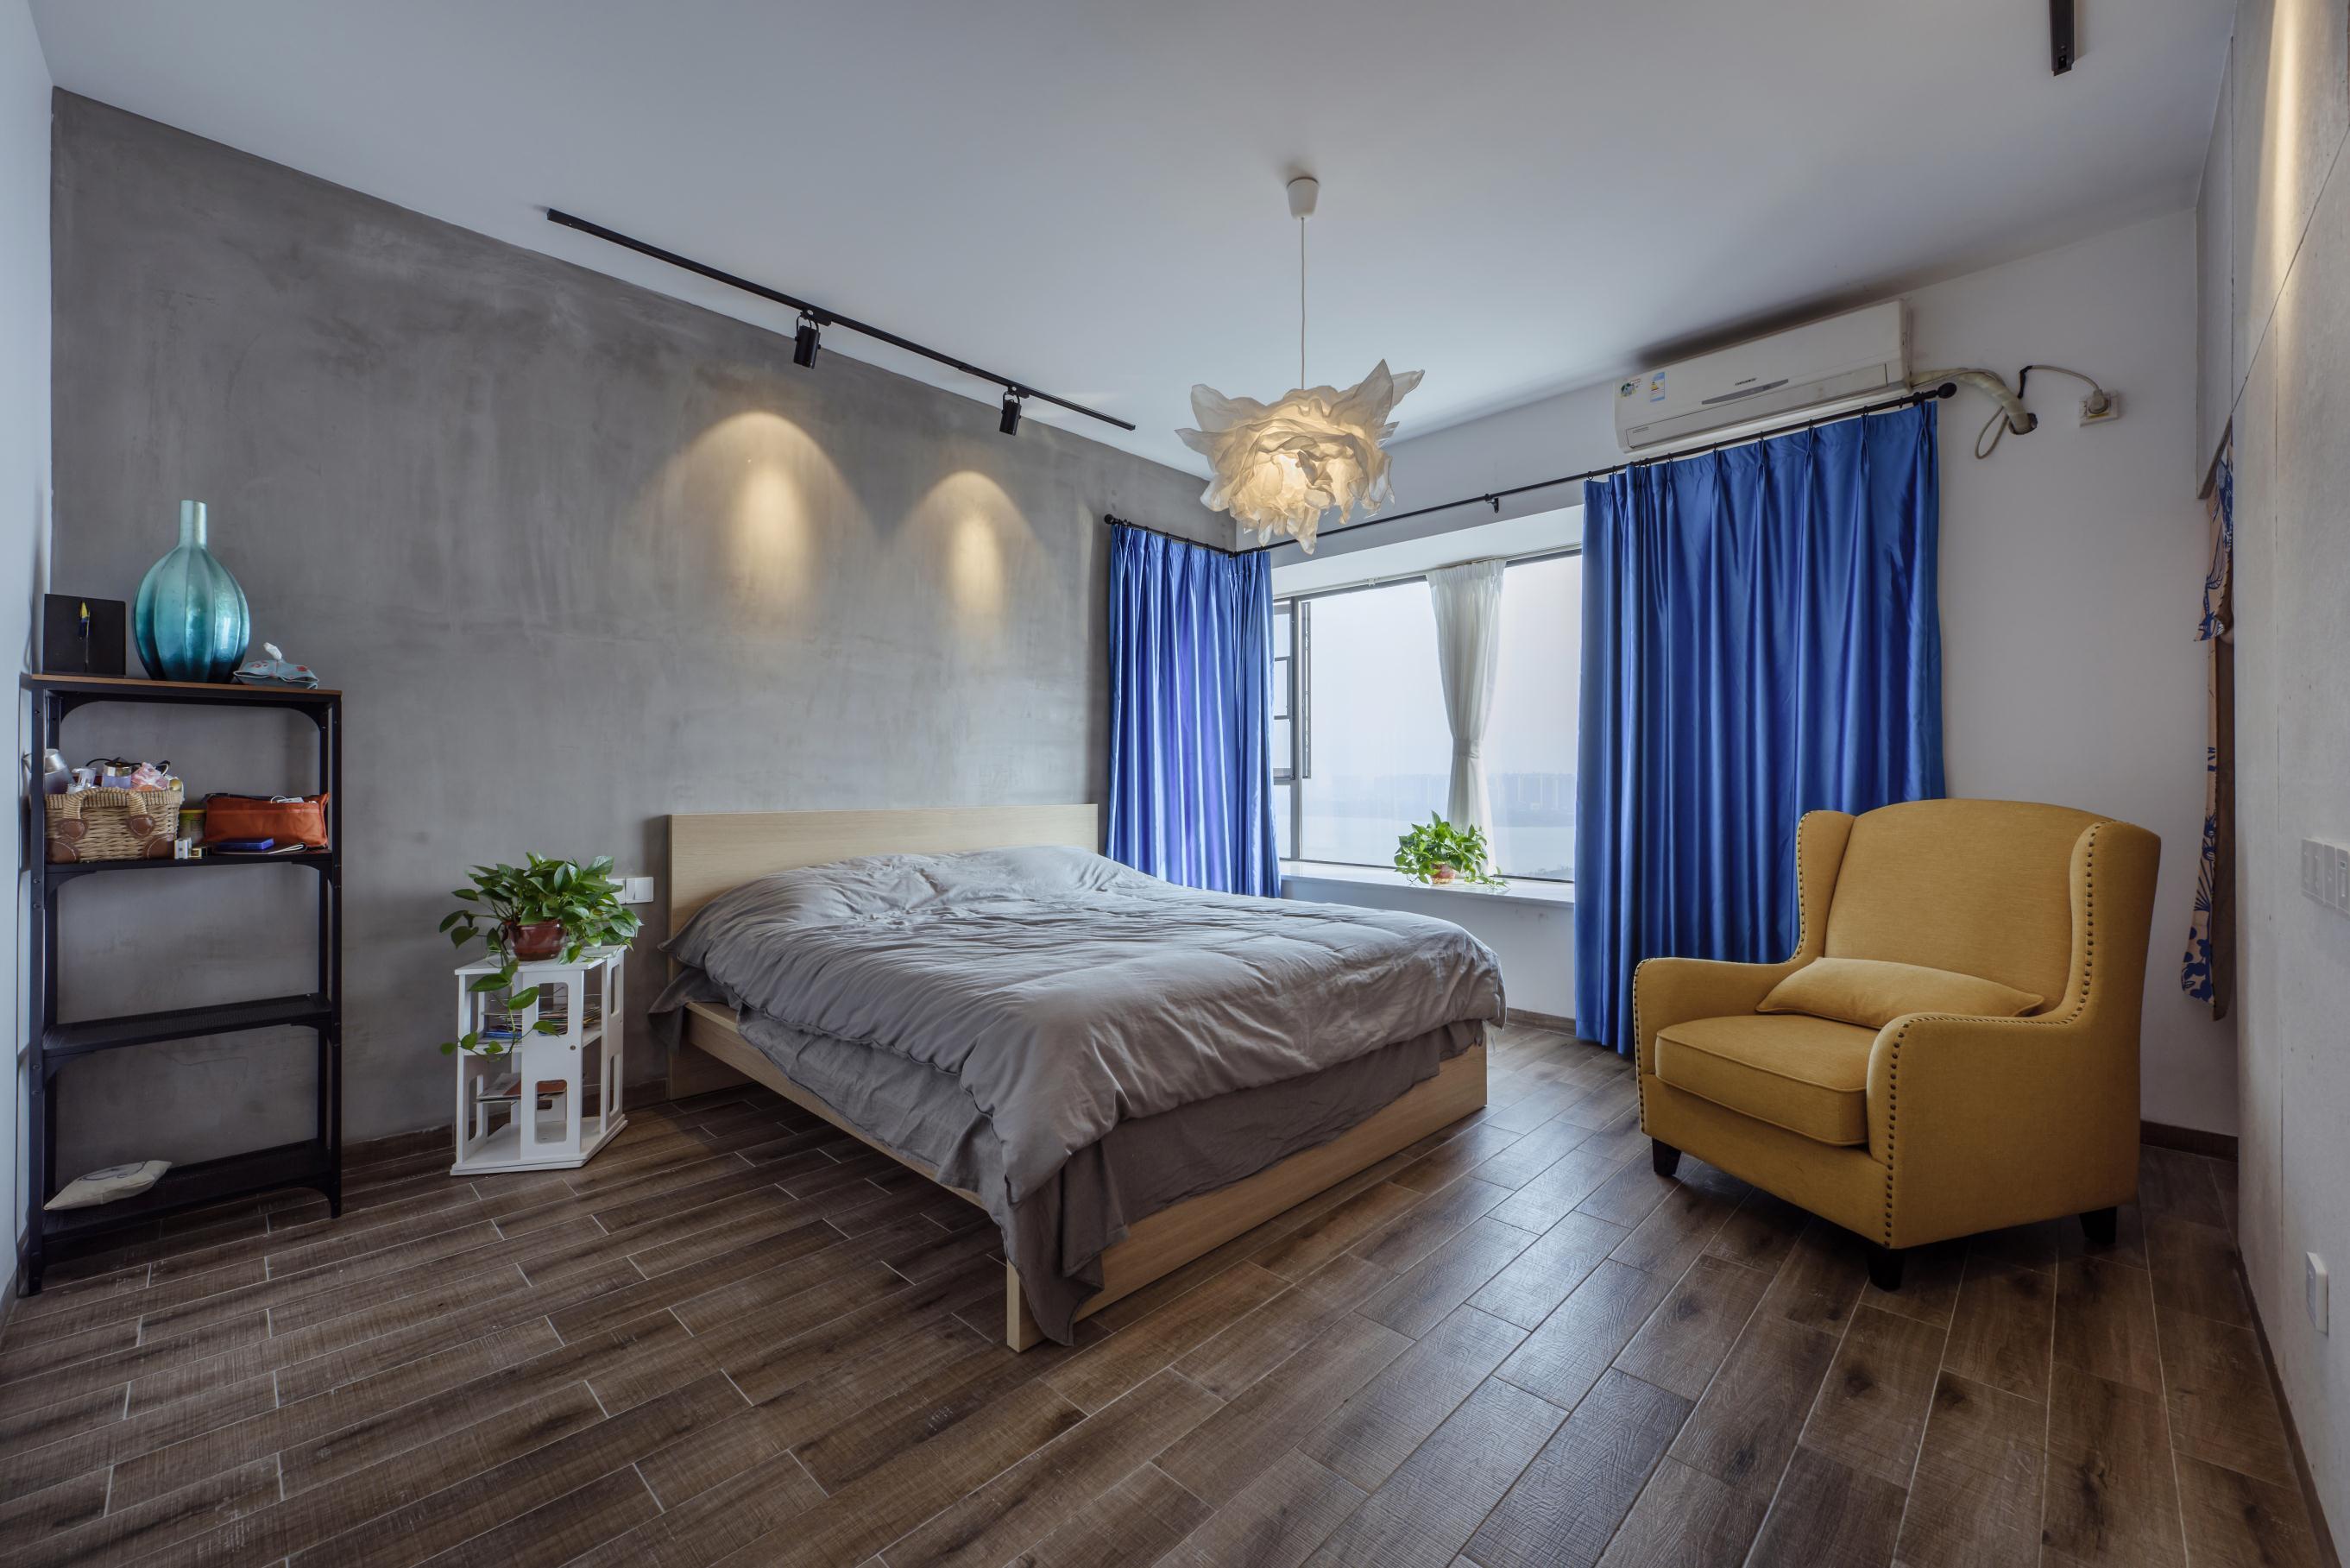 装修房子是设计师重要还是工人更重要【成都装修问答】